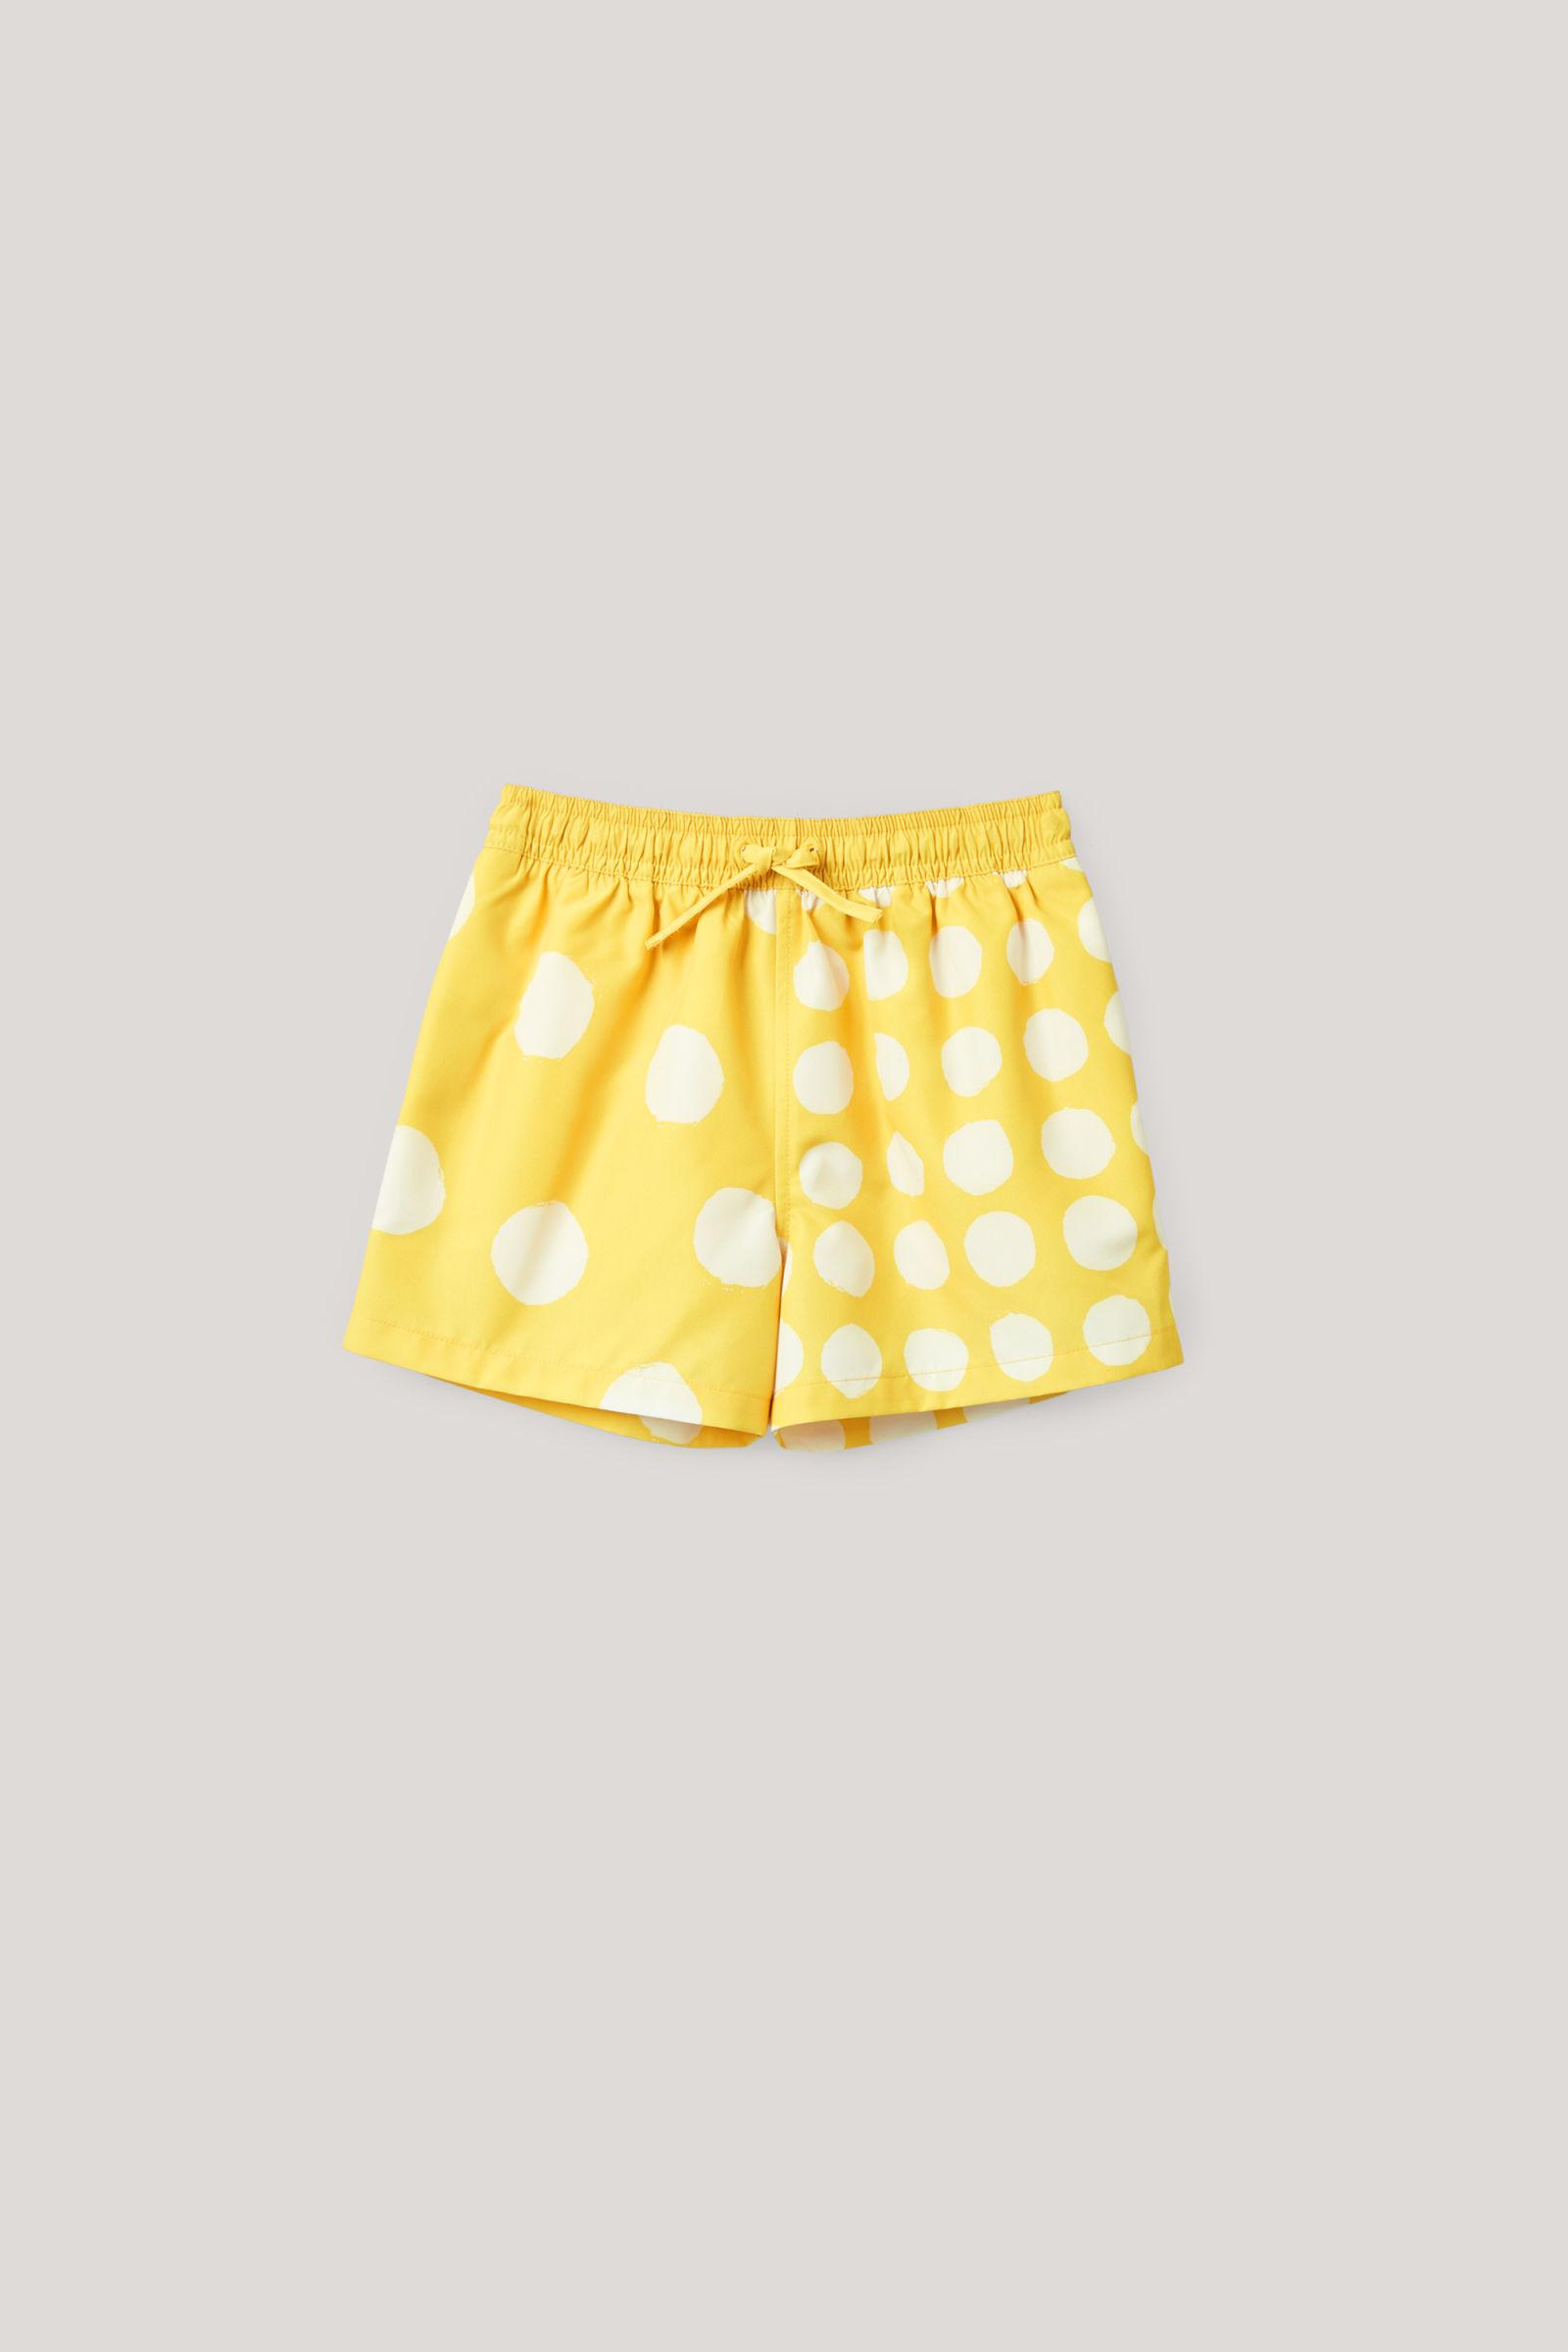 코스 키즈 도트 프린트 수영복 바지 COS DOT-PRINT SWIM SHORTS,Yellow  white